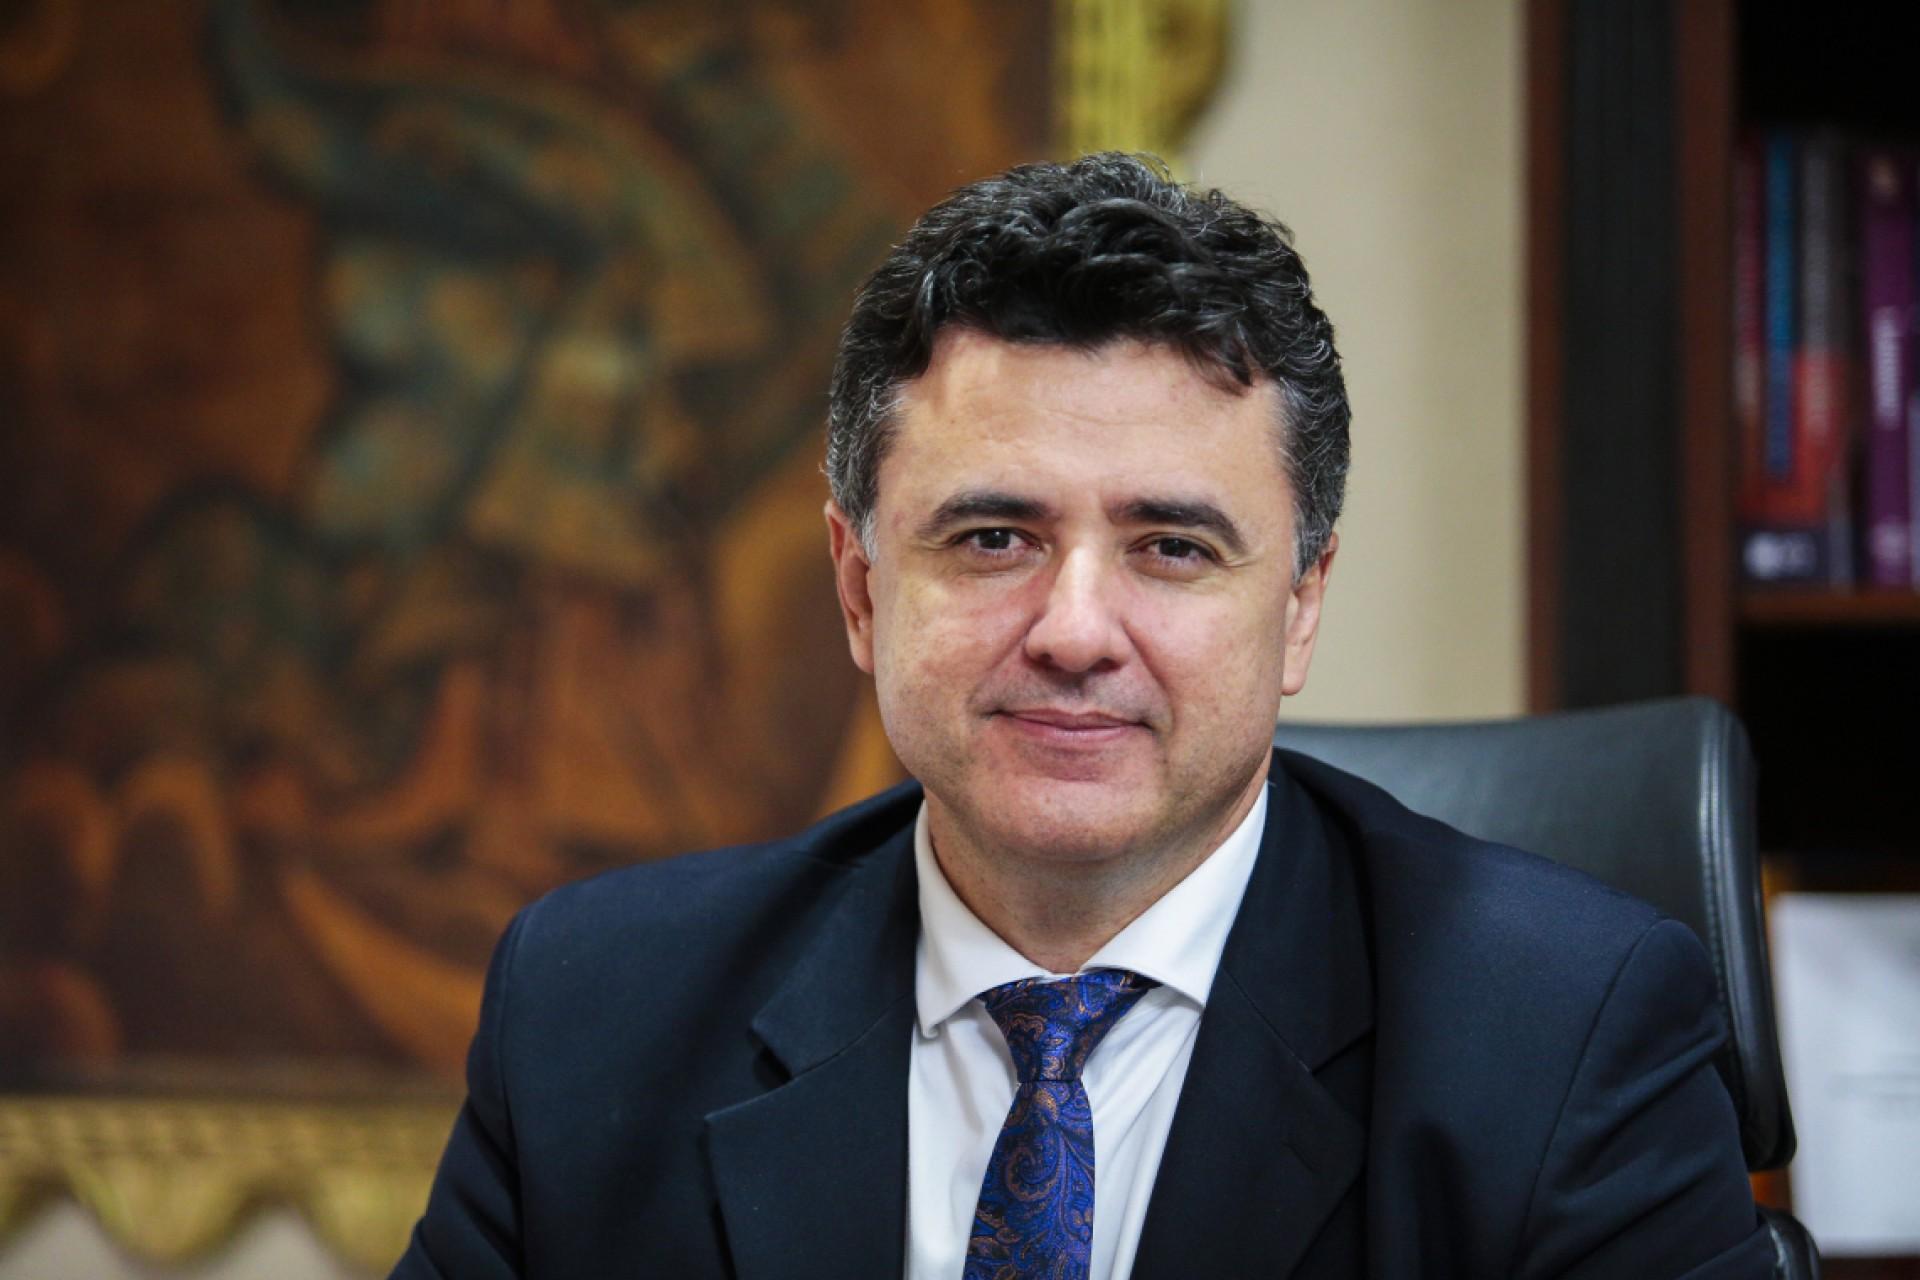 Procurador geral do Estado, Manuel Pinheiro, (Foto: JULIO CAESAR)